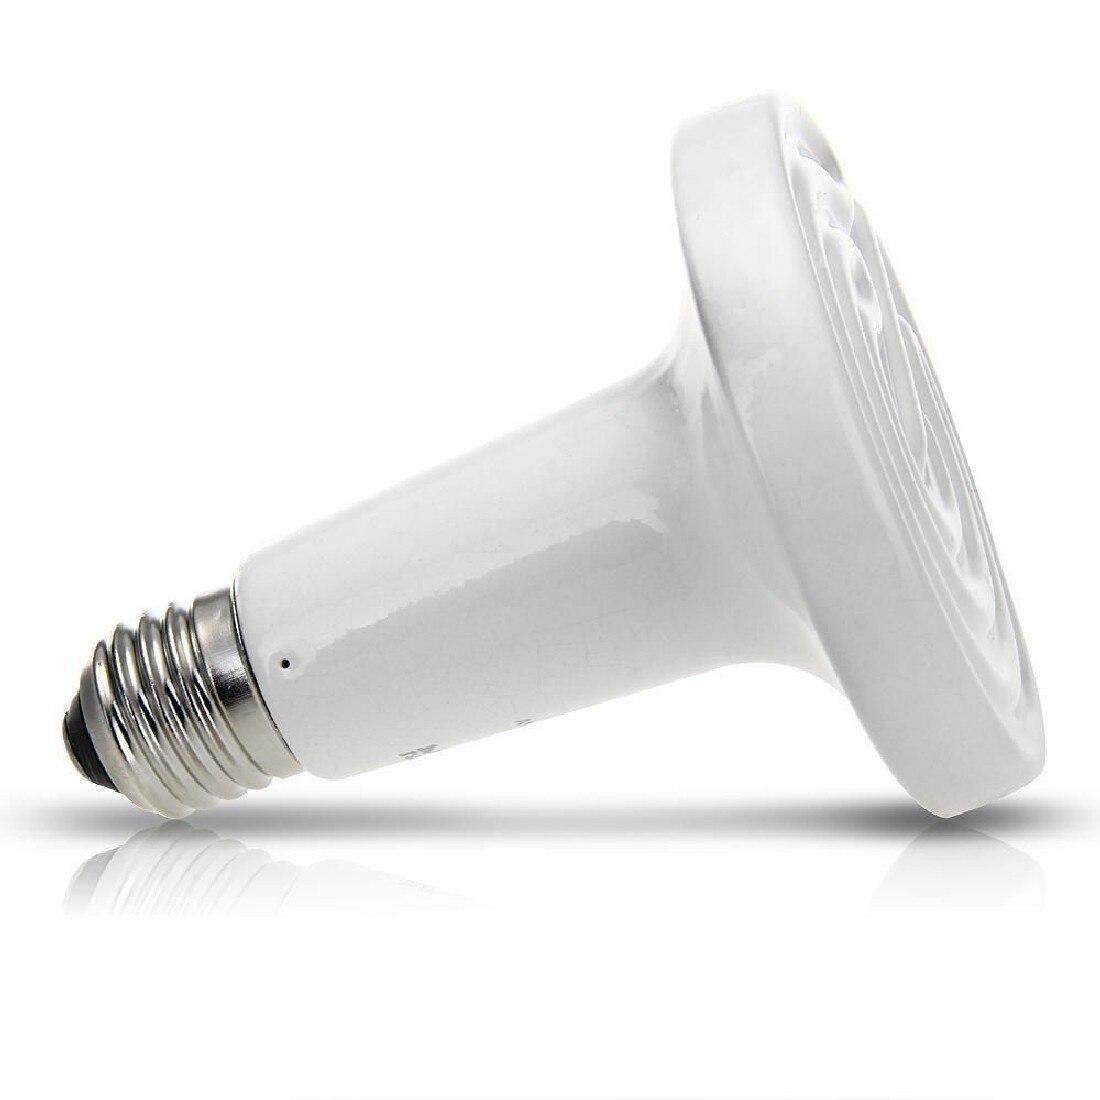 1 Stück Neue Weiß 50 Watt Hochwertige Keramik Heizstrahler Grübler Infrarot Lampe Supplement Die Vitalenergie Und NäHren Yin